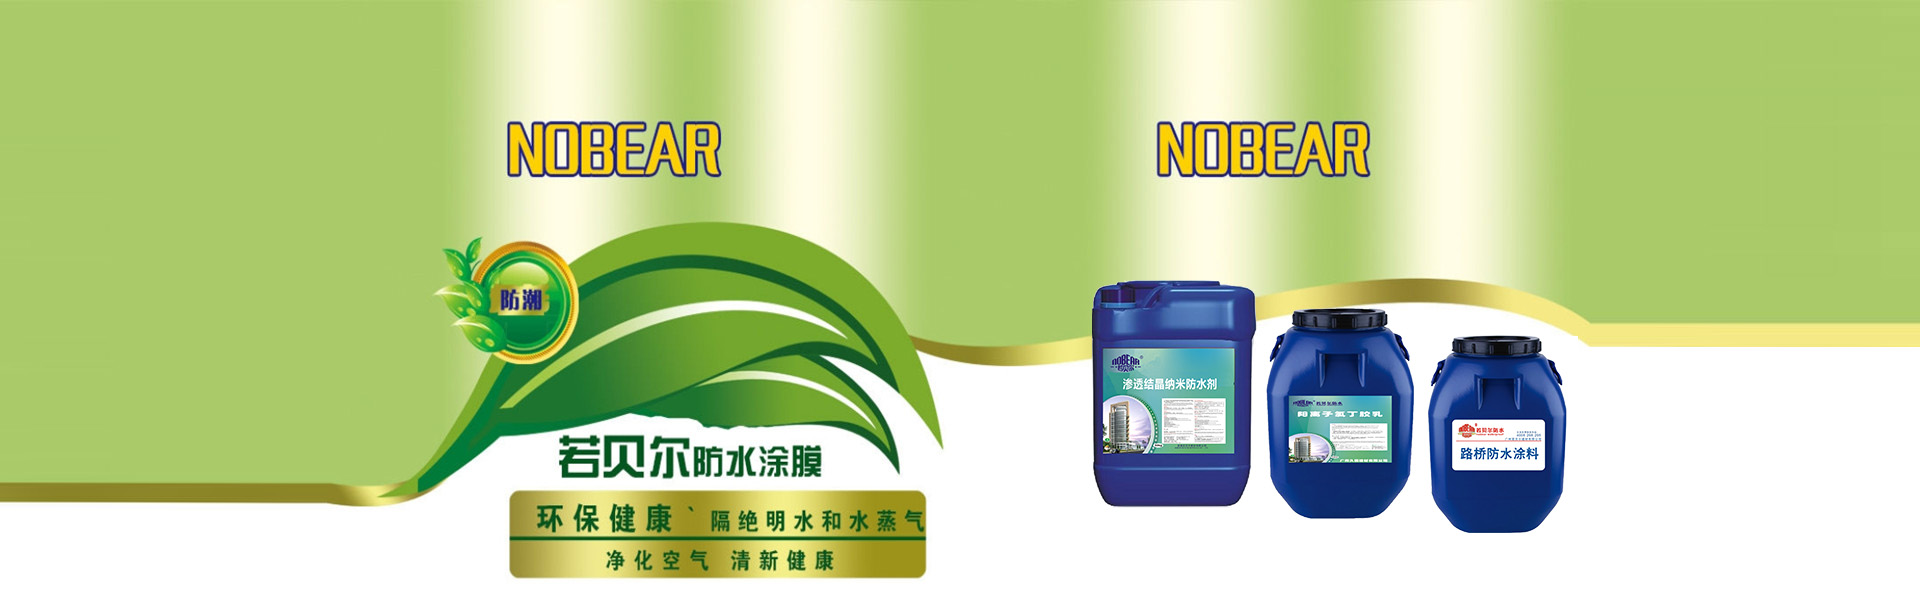 液体卷材――选若贝尔911液体卷材,量大从优 广州若贝尔高分子液体卷材